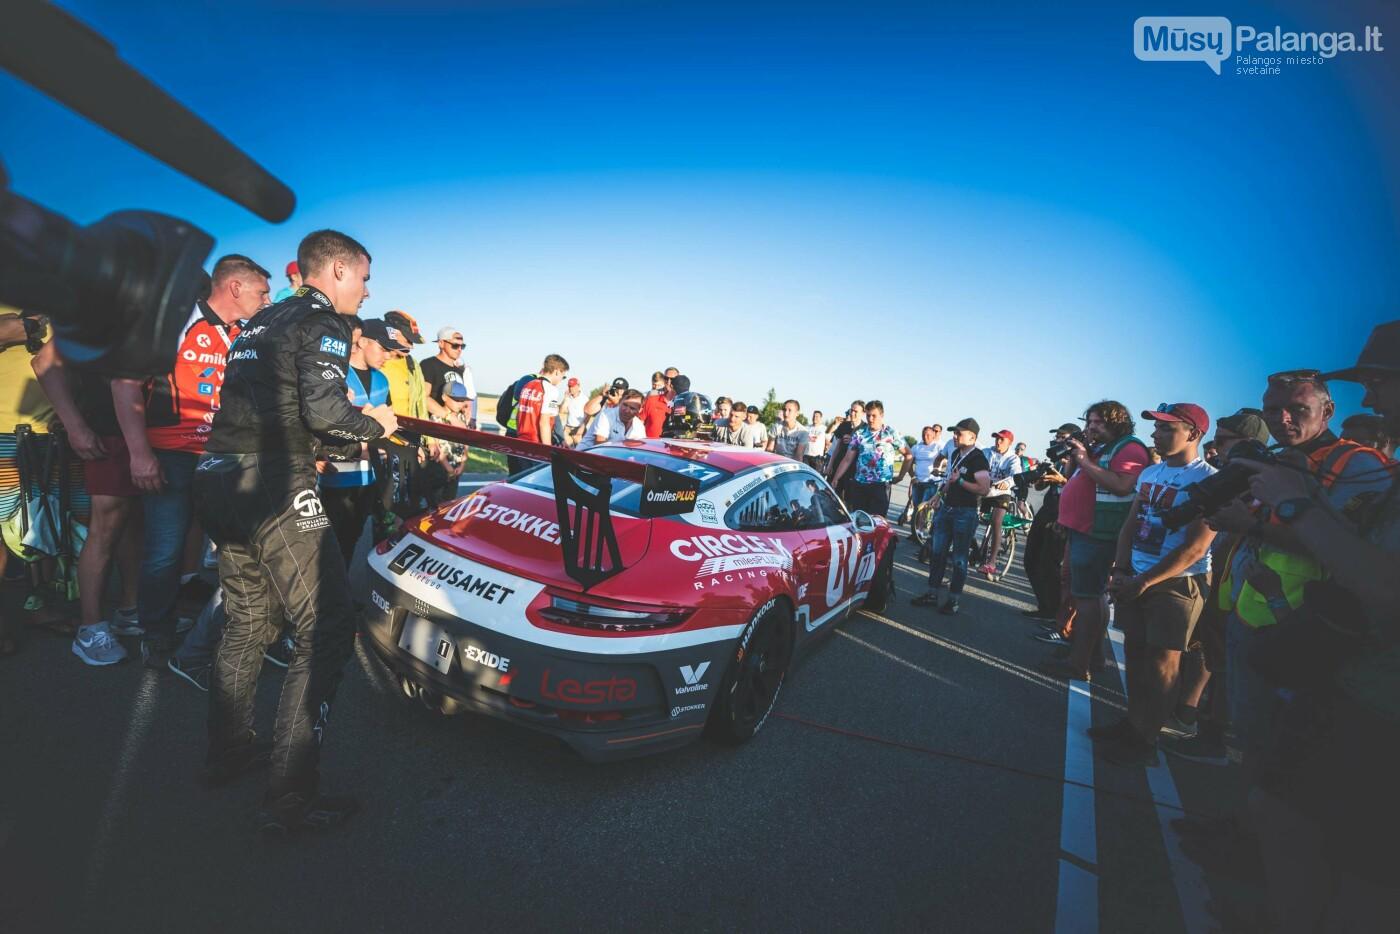 """""""Aurum 1006 km"""" lenktynėse Palangoje – praėjusių metų nugalėtojų triumfas , nuotrauka-1, Vytauto PILKAUSKO ir Arno STRUMILOS nuotr."""